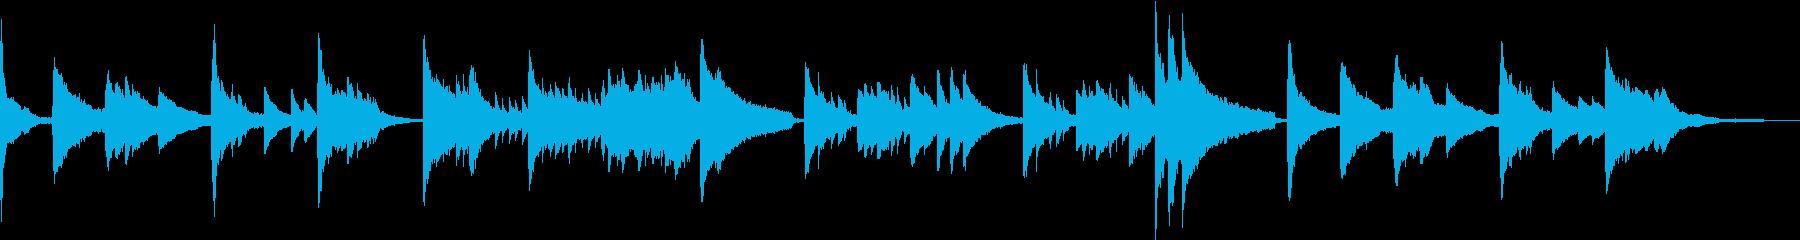 テクスチャー 幻想的・儚いピアノソロの再生済みの波形